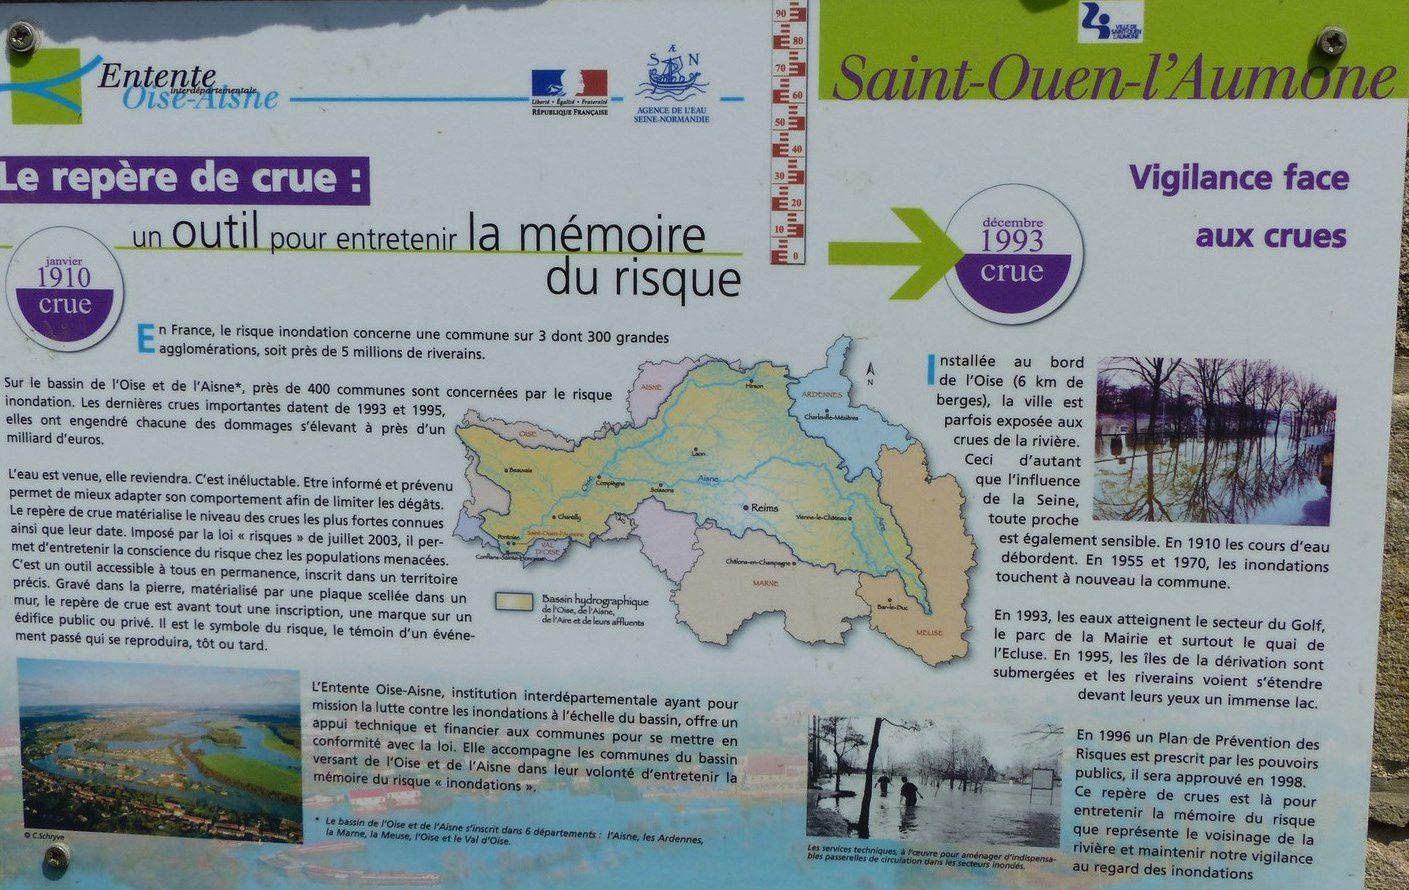 Les crues de l'Oise à Pontoise